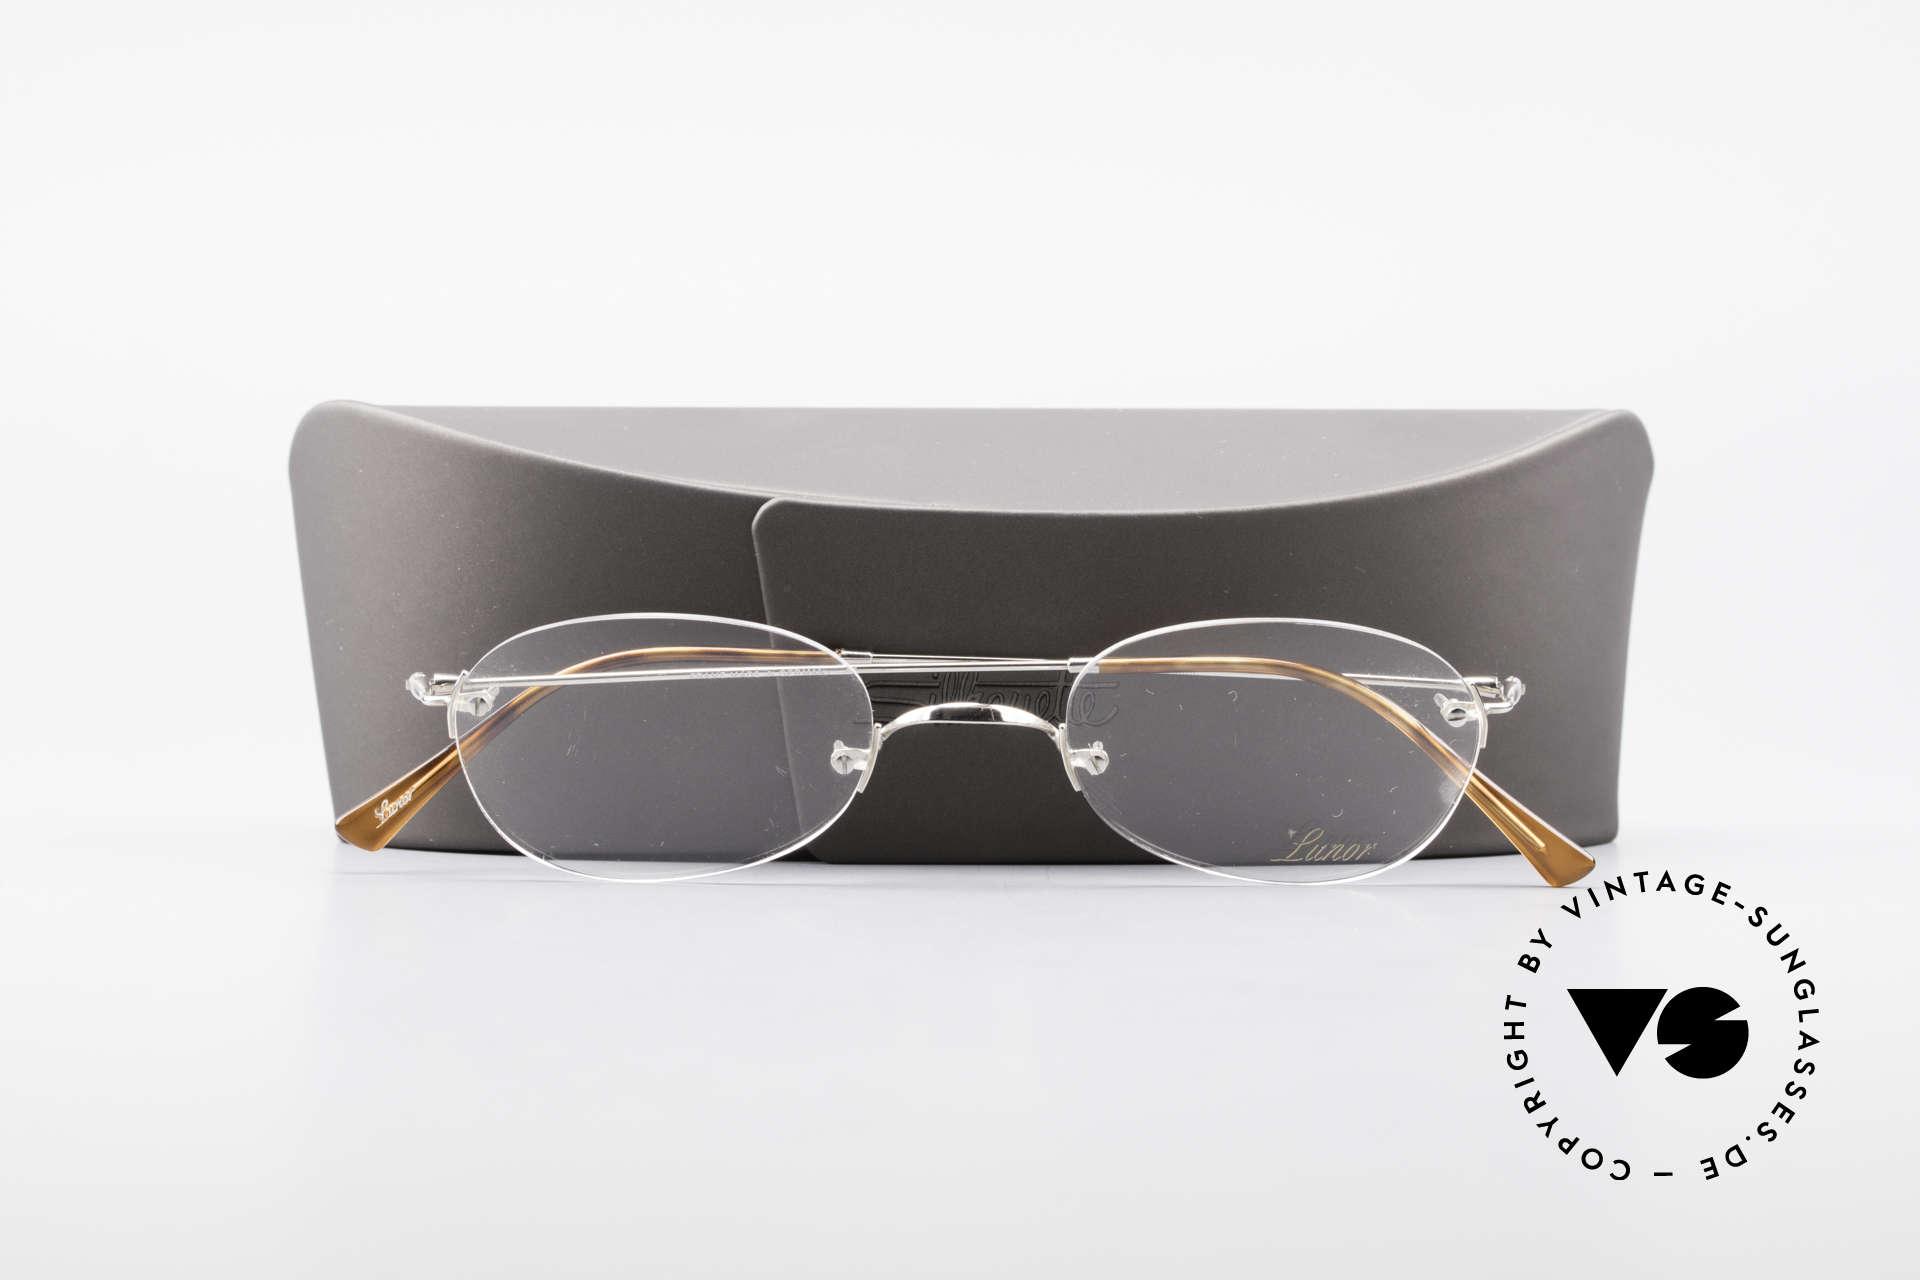 Lunor Rimless Randlose Vintage Brille 90er, Lunor Brille kommt mit einem neuen Silhouette-Etui, Passend für Herren und Damen